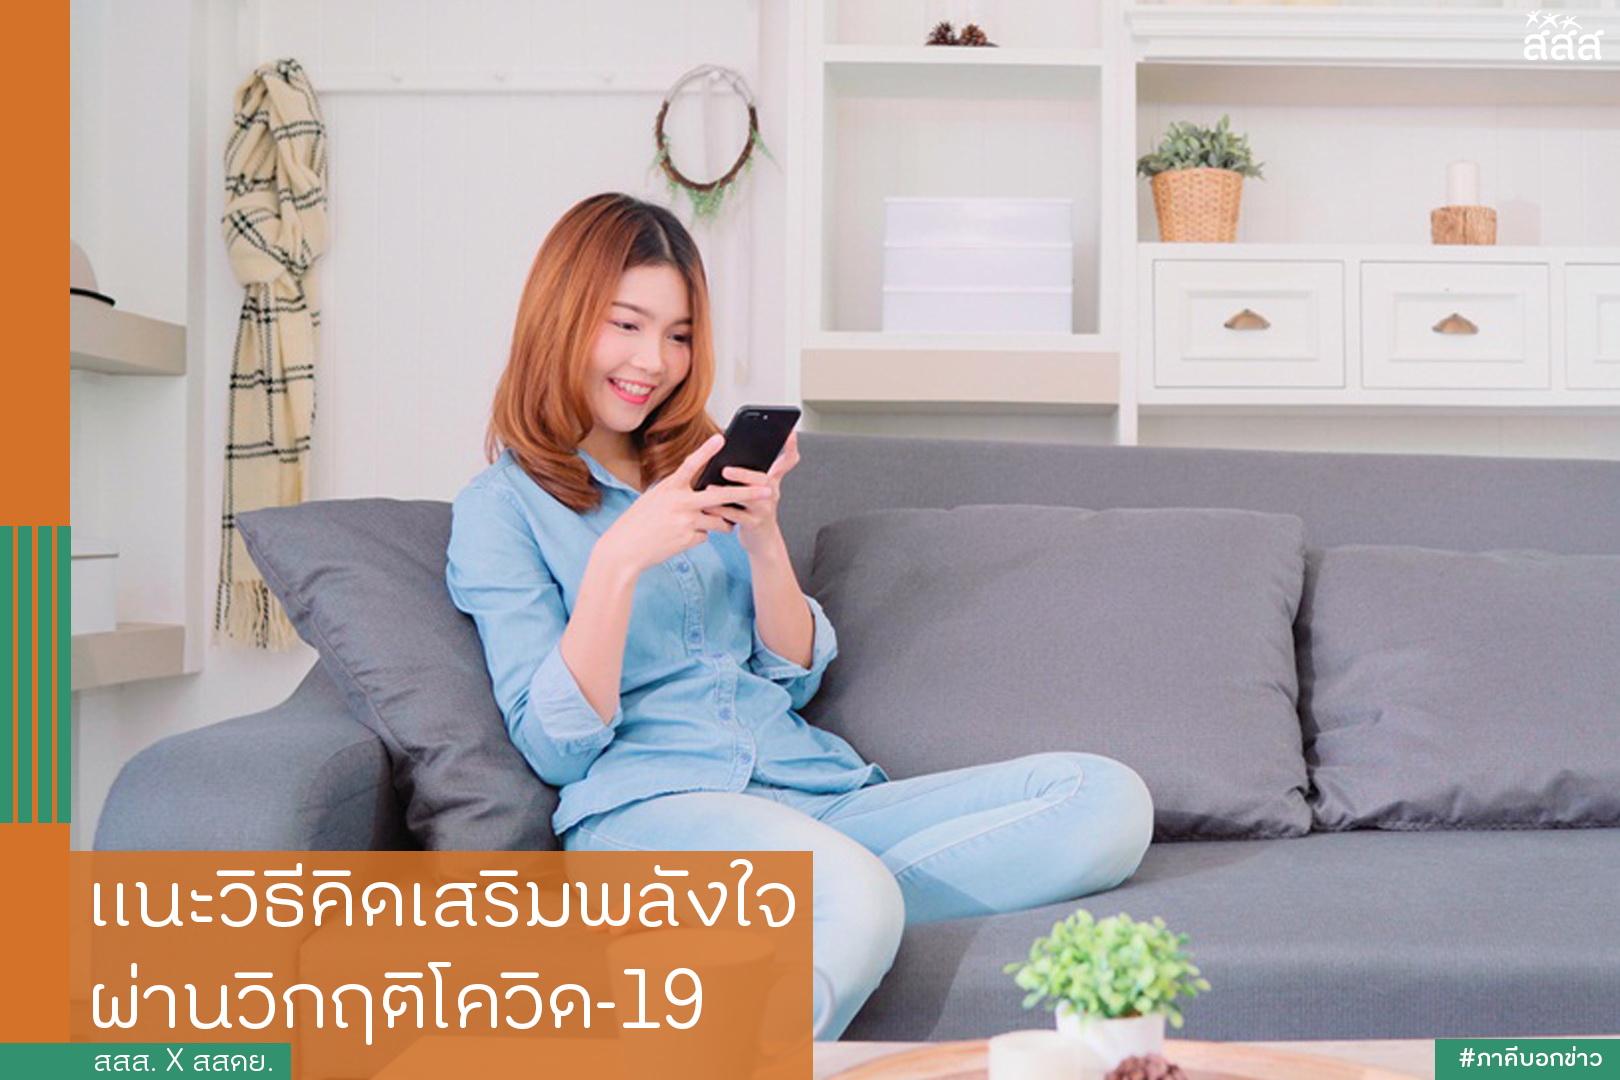 แนะวิธีคิดเสริมพลังใจ ผ่านวิกฤติโควิด-19 thaihealth